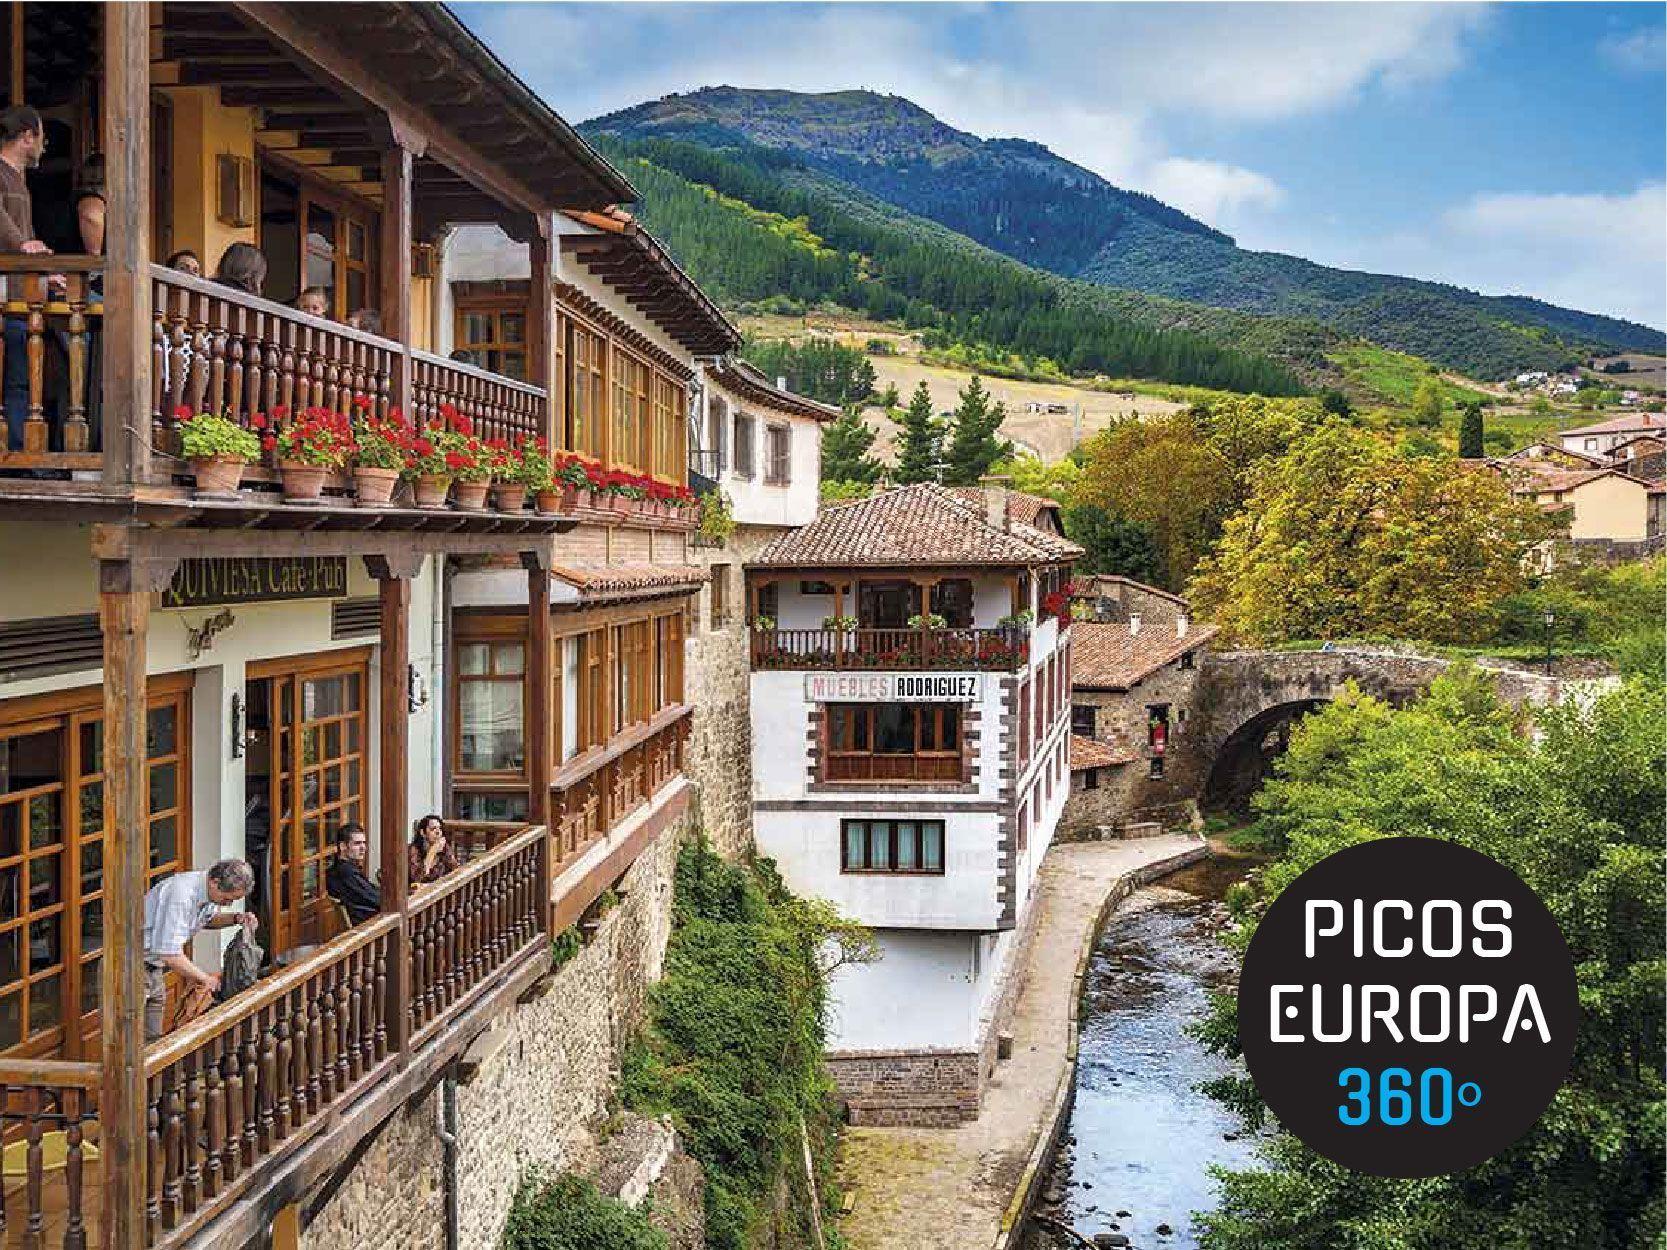 Dag 1 Aankomst in Picos de Europa